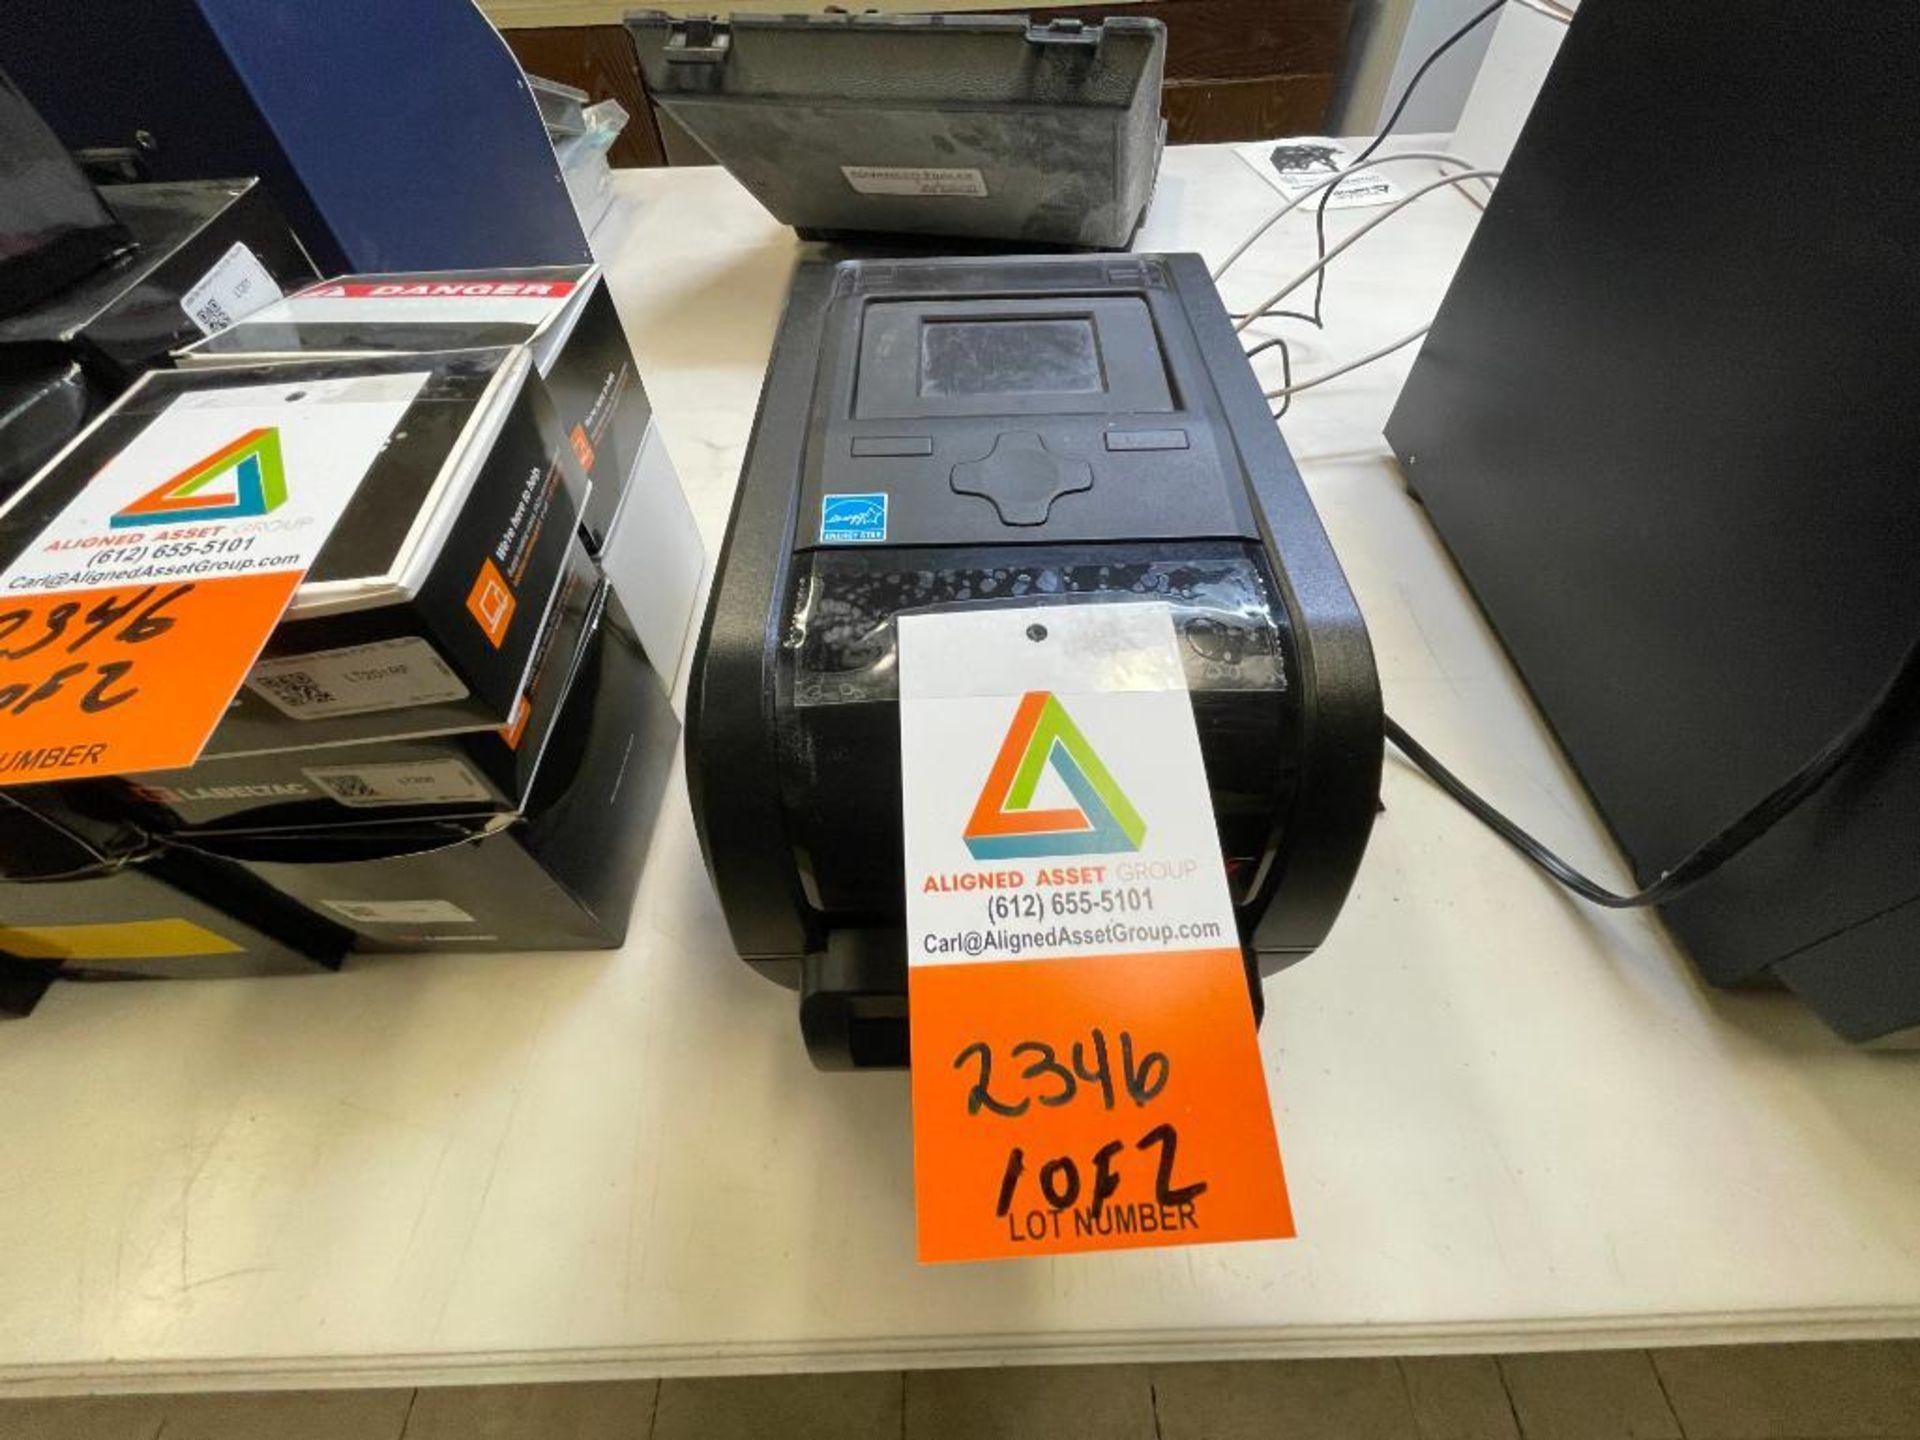 Labeltac label printer - Image 2 of 6